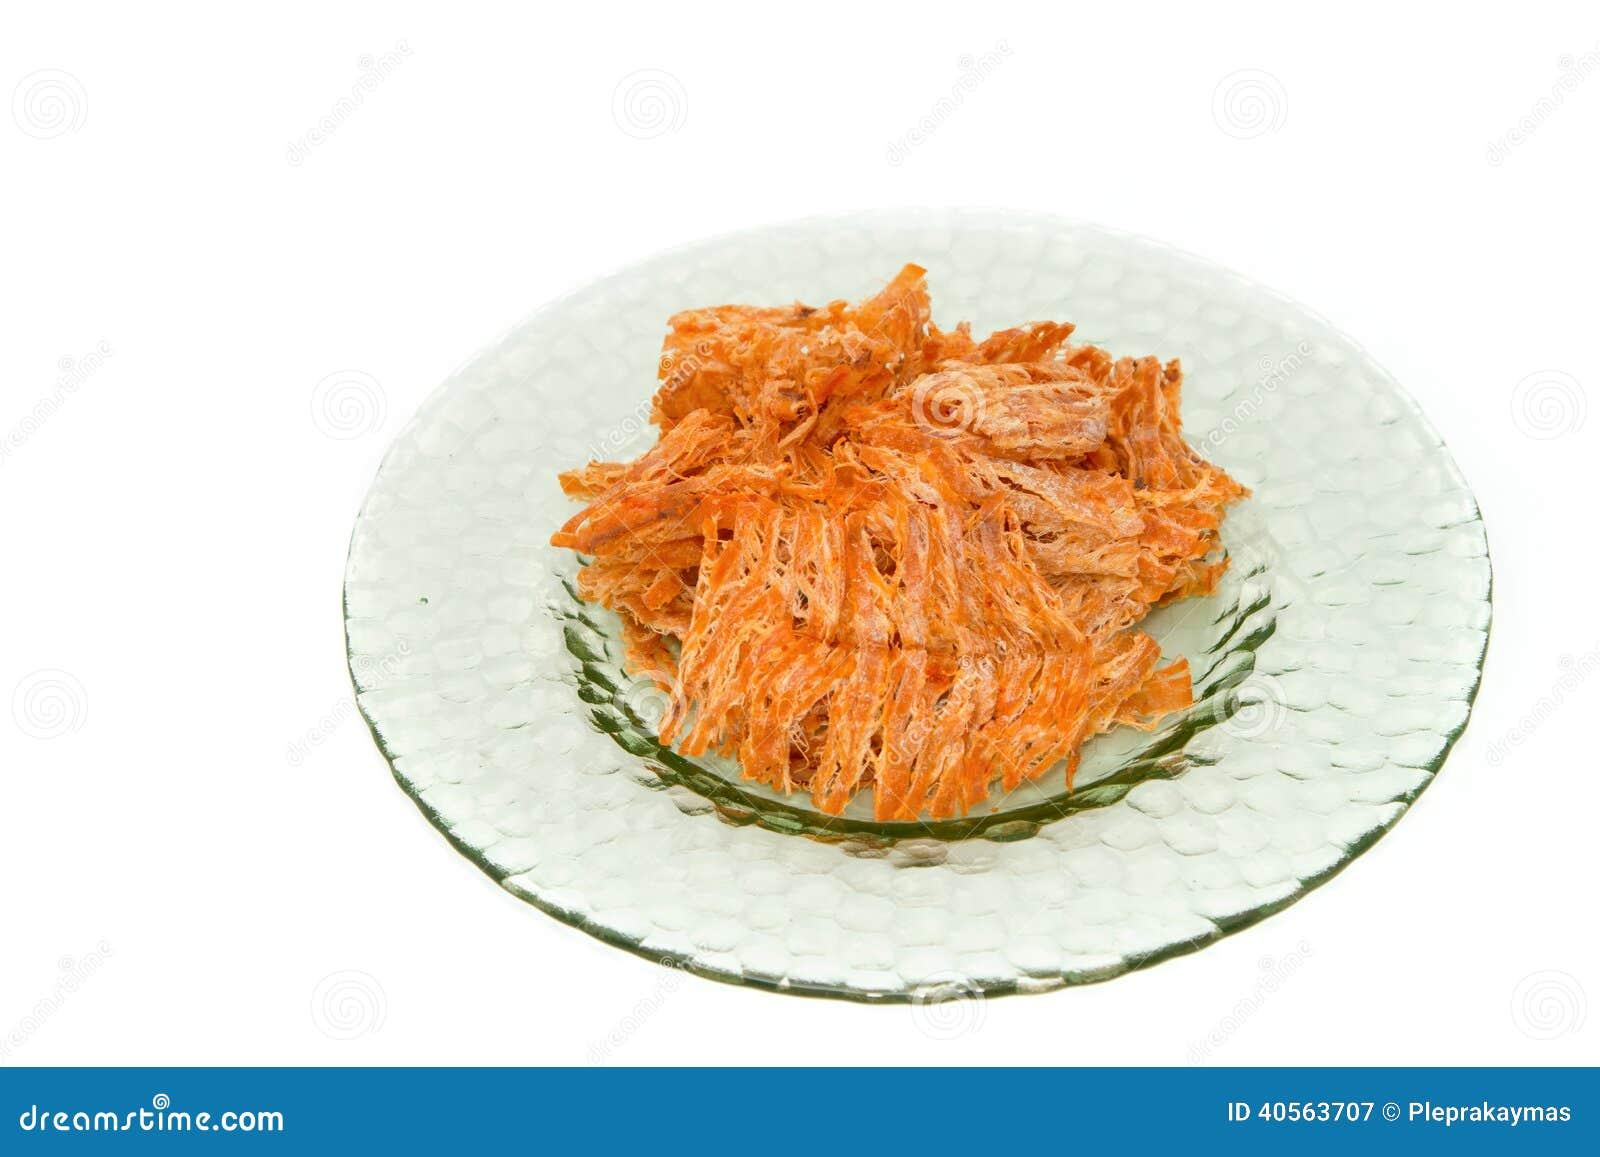 Calamar secado, gêneros alimentícios